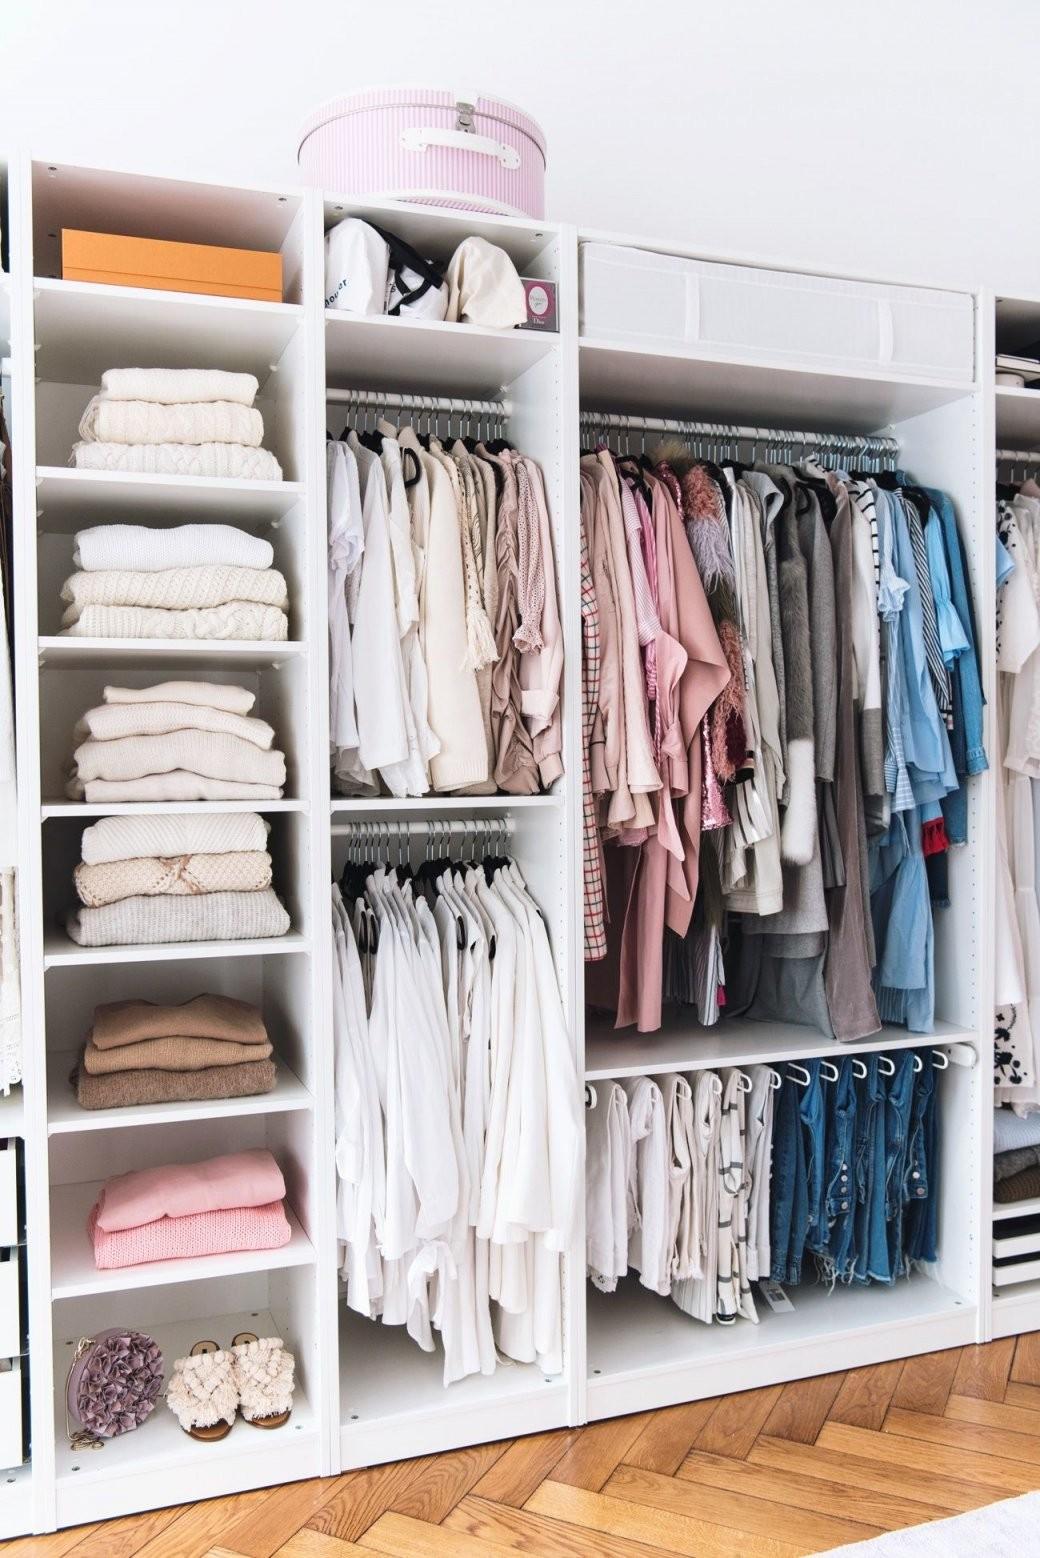 Mein Begehbarer Kleiderschrank  Kasten  Slaapkamerideeën Pax Kast von Begehbarer Kleiderschrank Ikea Pax Photo